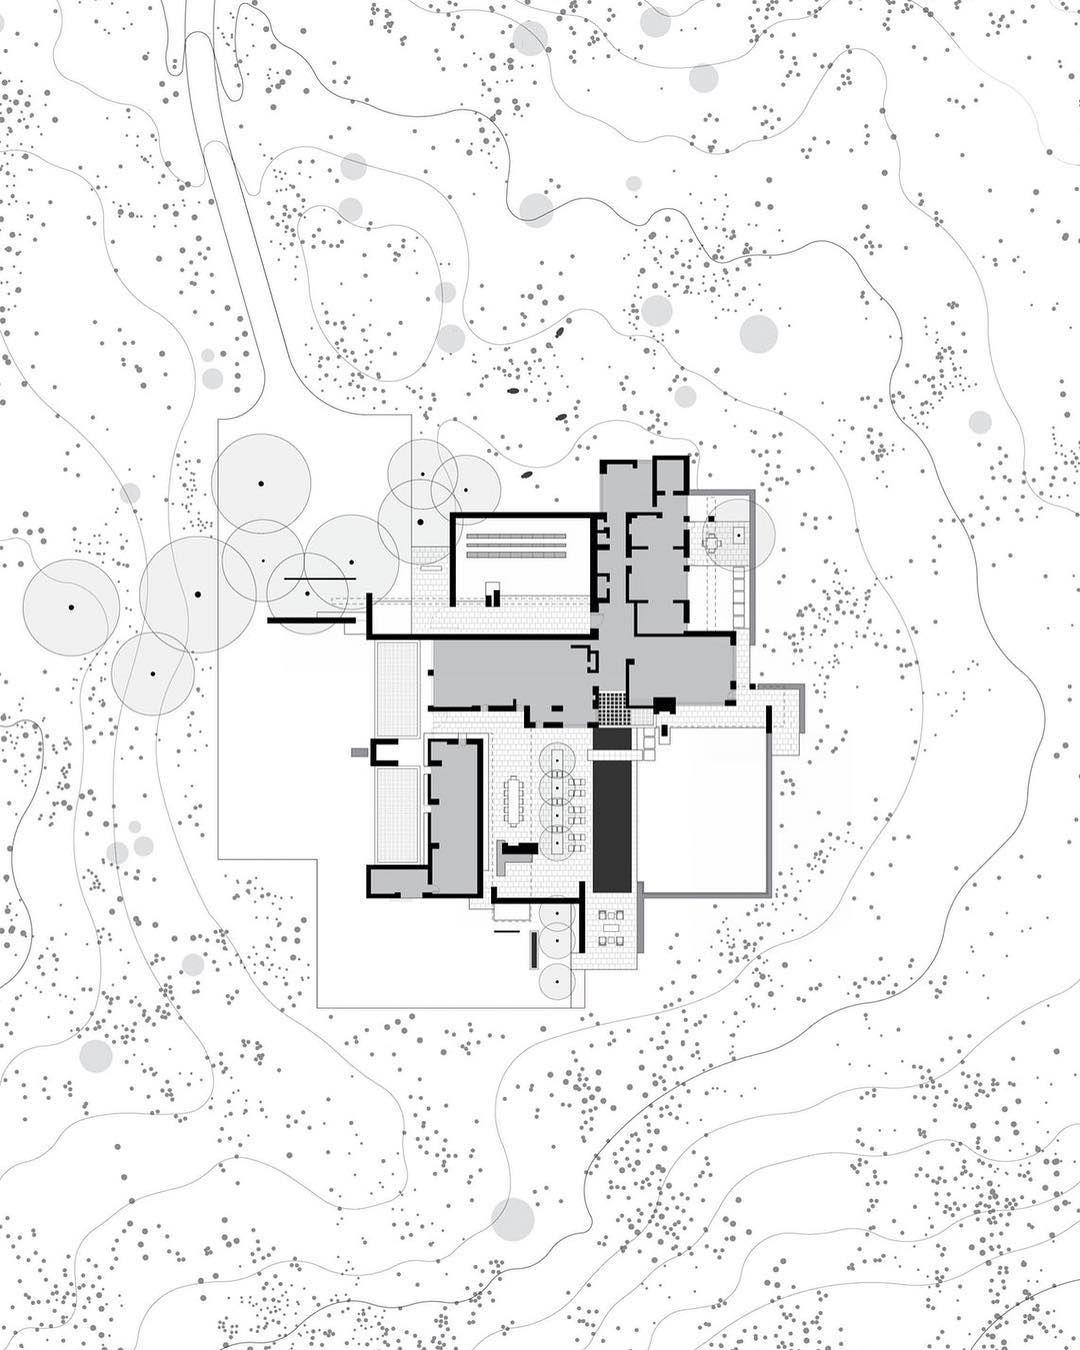 Design Workshop On Instagram Driven By Modernist Design